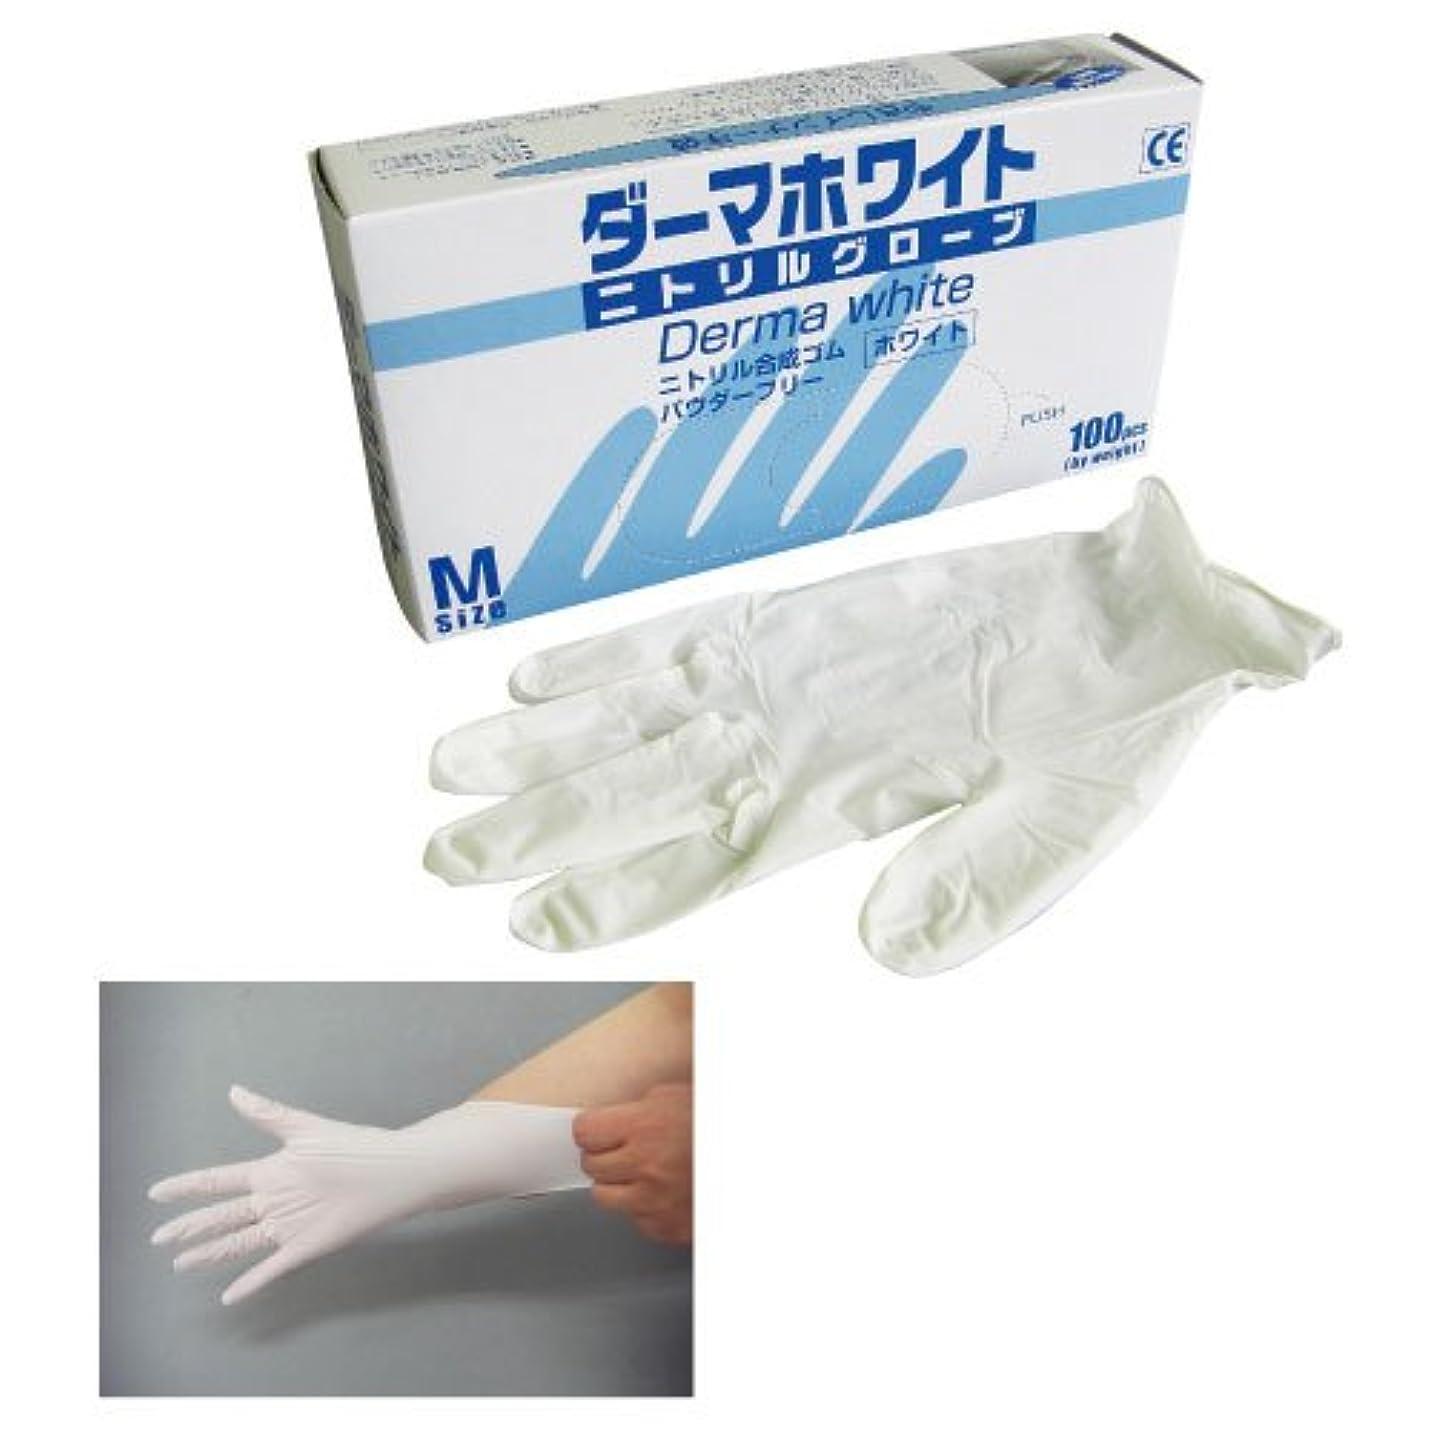 うめきルーチンアカデミーダーマホワイト ニトリル手袋PF ?????????????????PF(23-3770-00)GN01(SS)100??